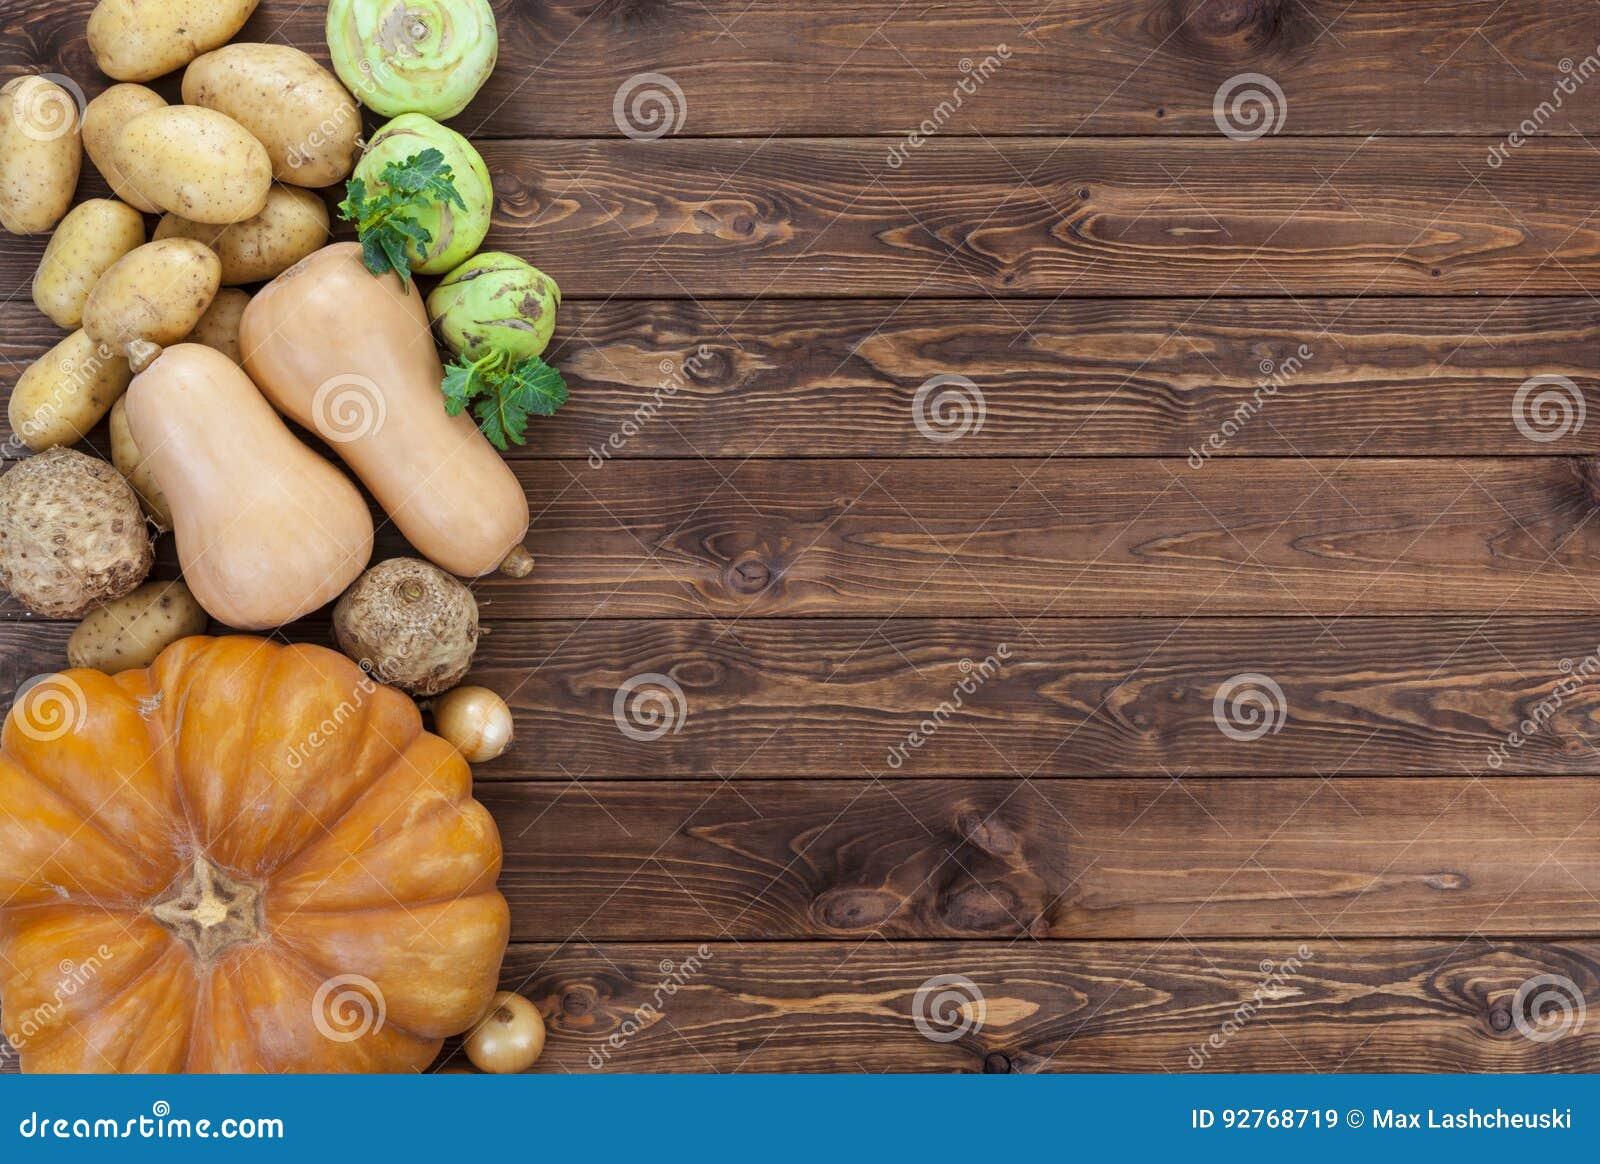 Groenten op houten achtergrond Pompoen, courgette, aardappels, uien en andere groenten, hoogste mening, exemplaarruimte